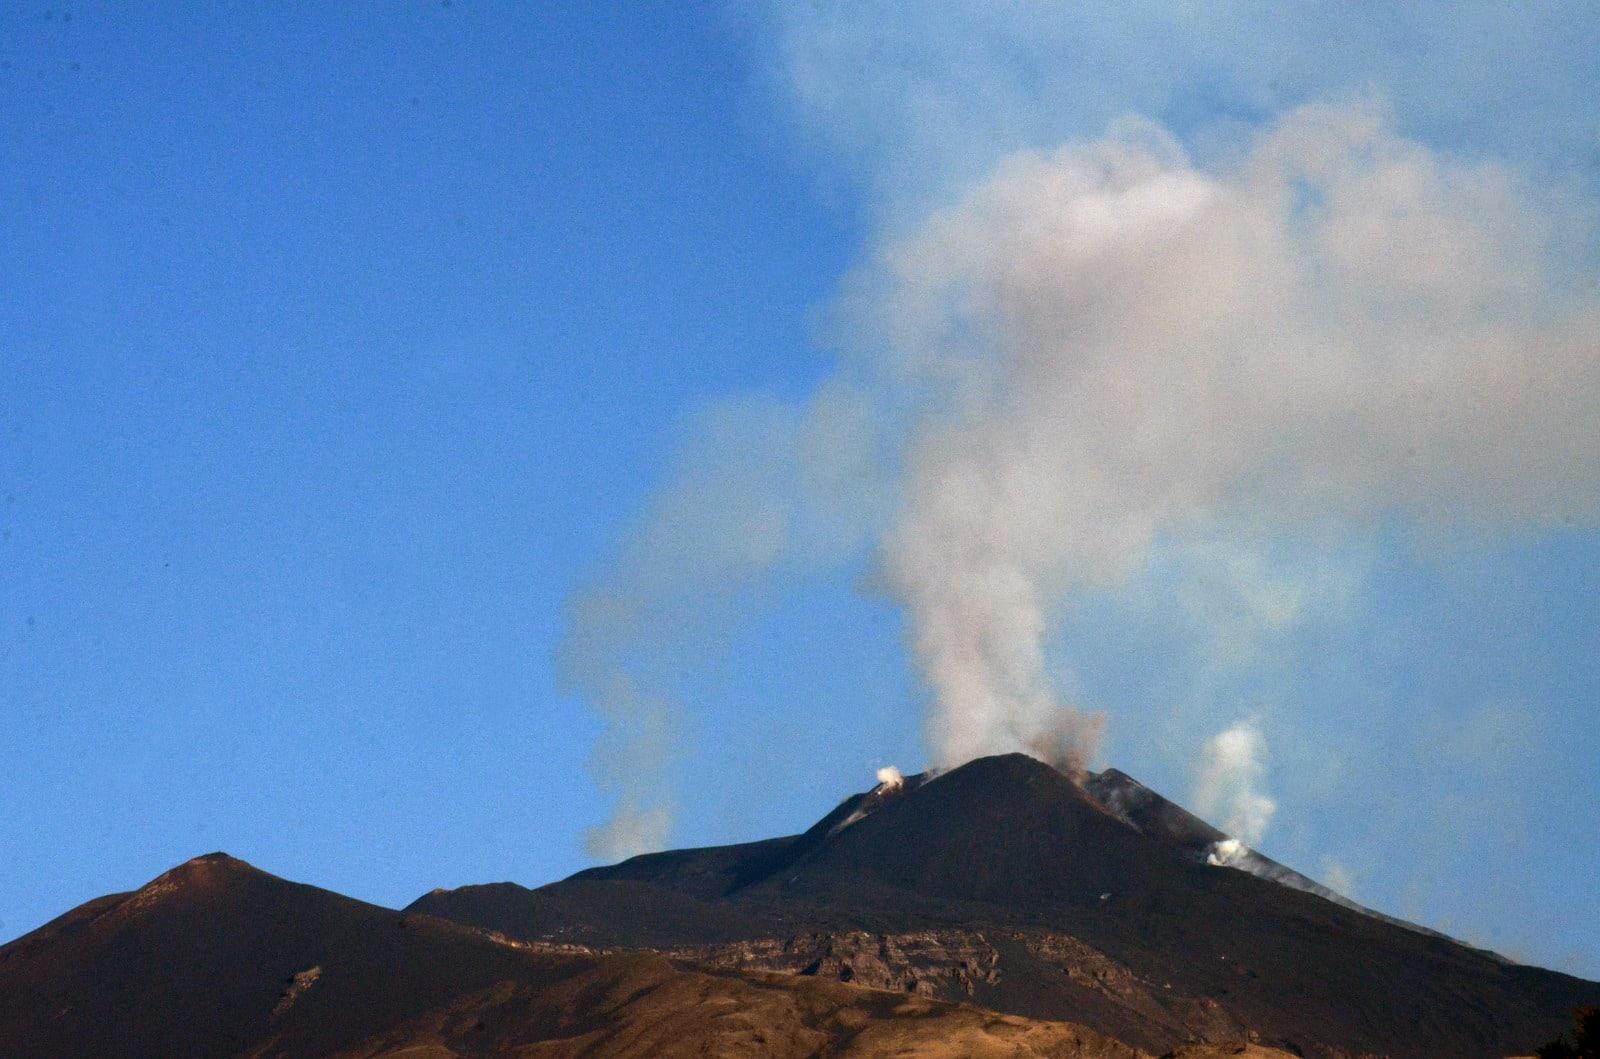 Etna, nuovo aggiornamento dall'INGV: diminuita attività stromboliana, debole emissione di cenere